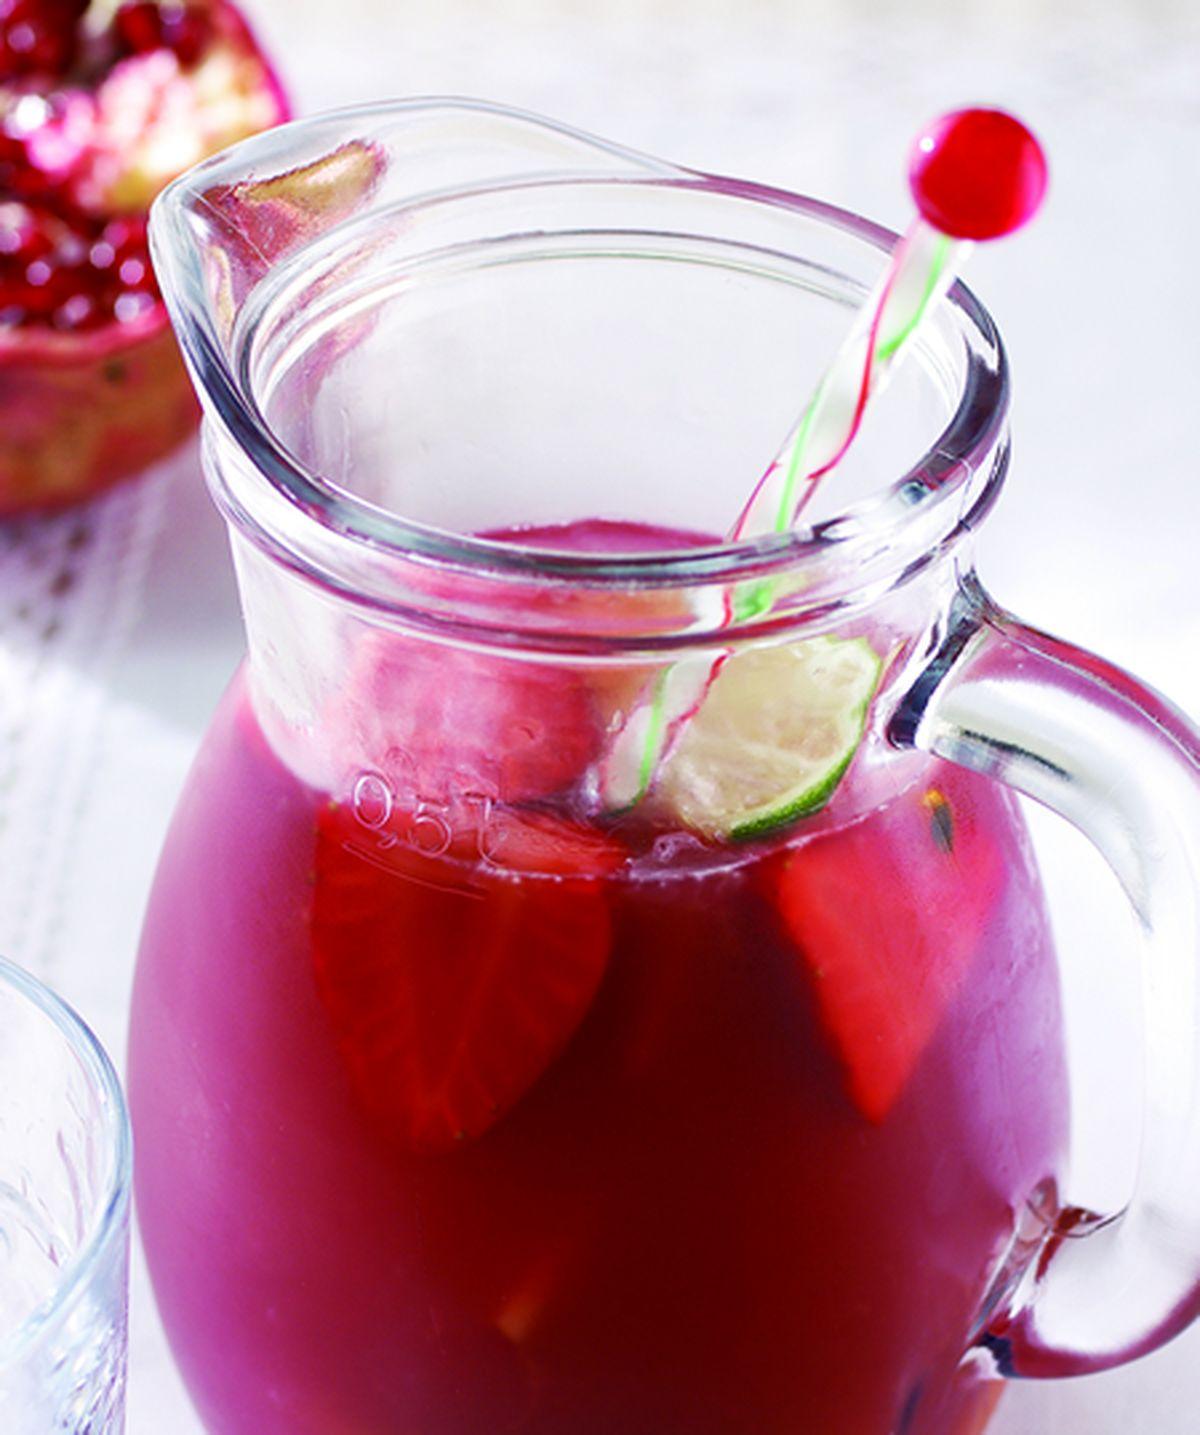 食譜:冰水果茶